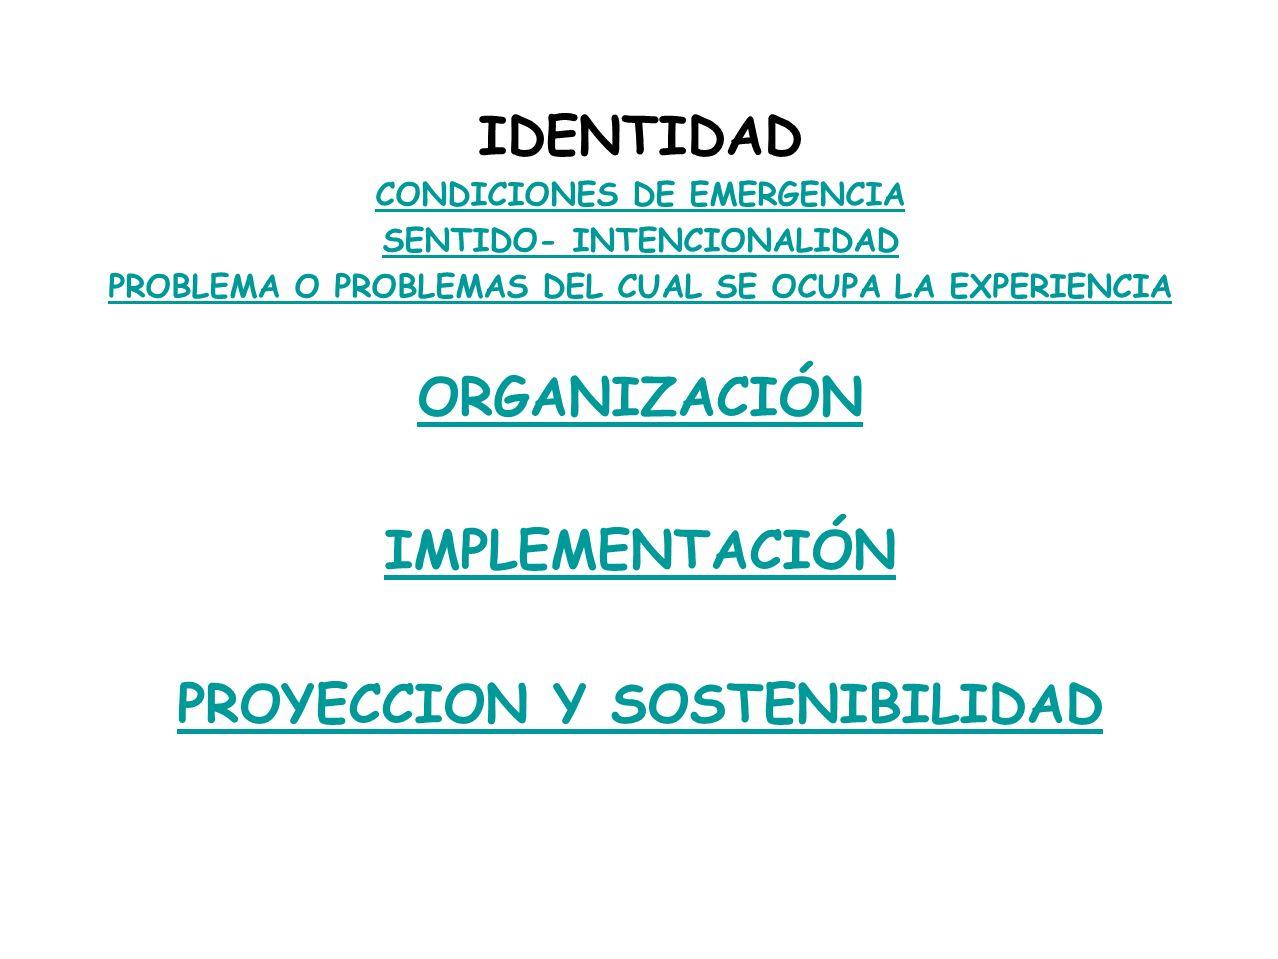 IDENTIDAD ORGANIZACIÓN IMPLEMENTACIÓN PROYECCION Y SOSTENIBILIDAD